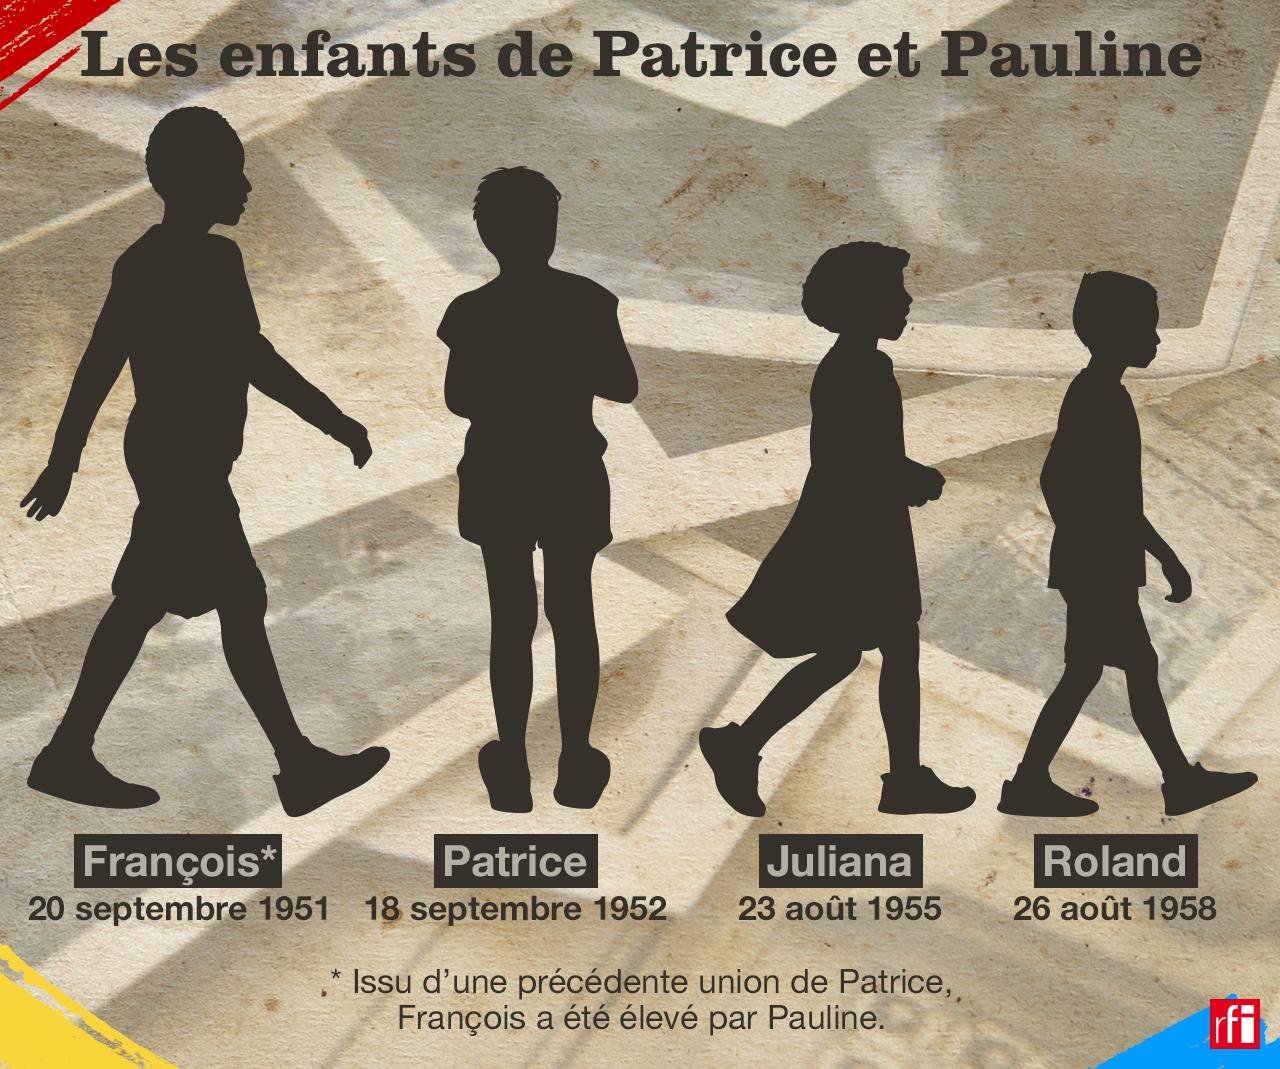 Les enfants de Patrice et Pauline.